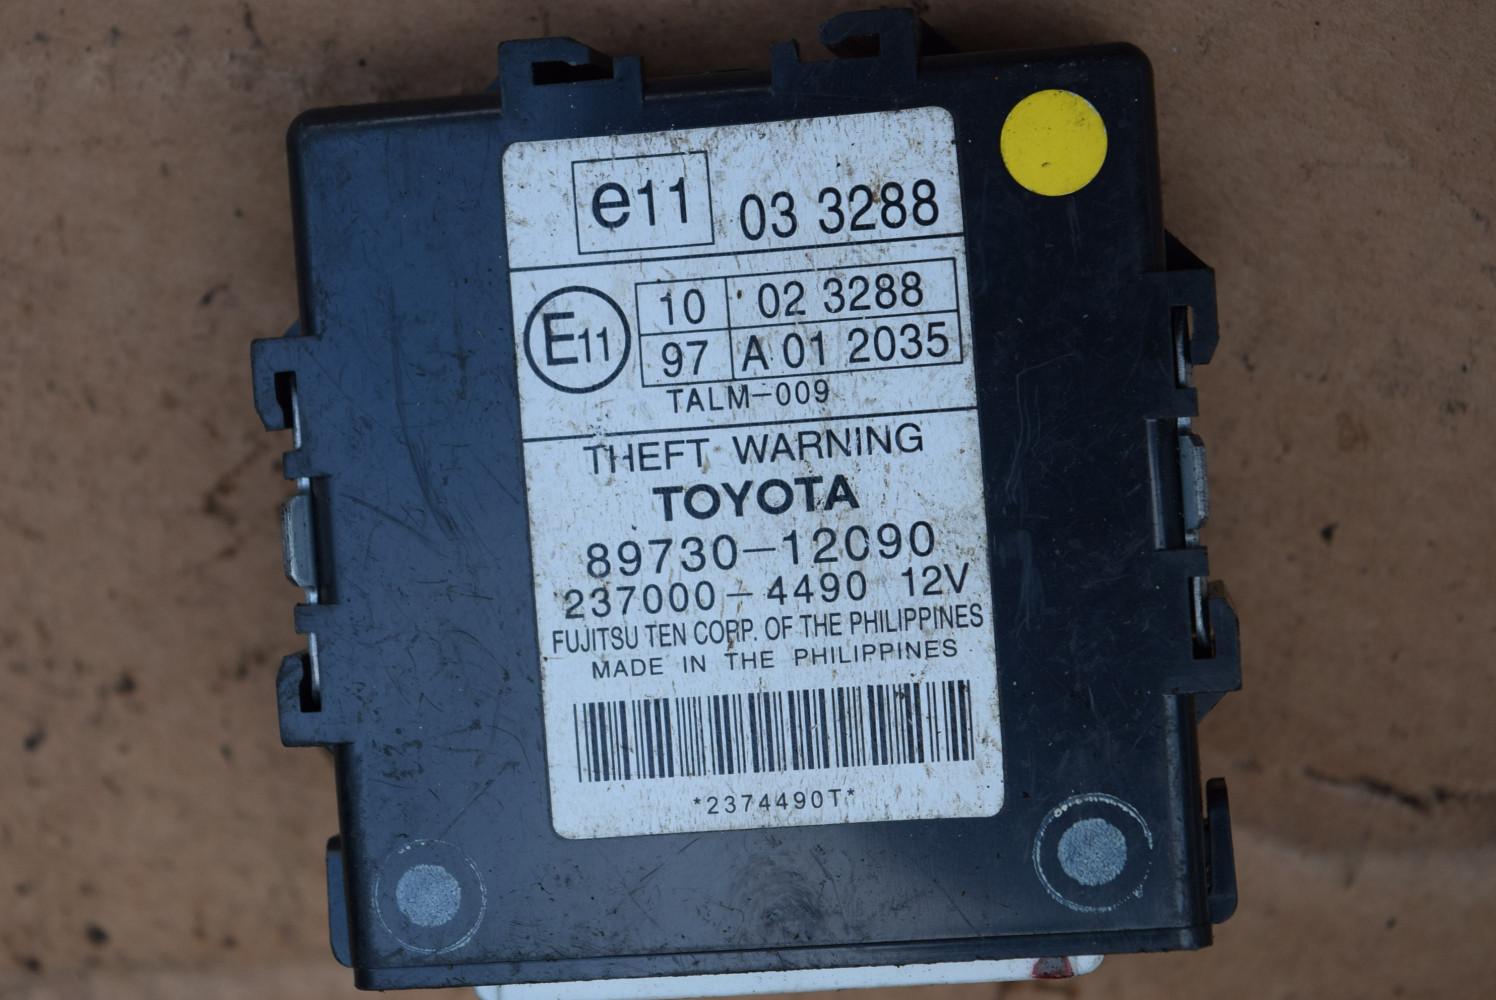 Блок управления сигнализацией Toyota Auris 1 8973012090,2370004490